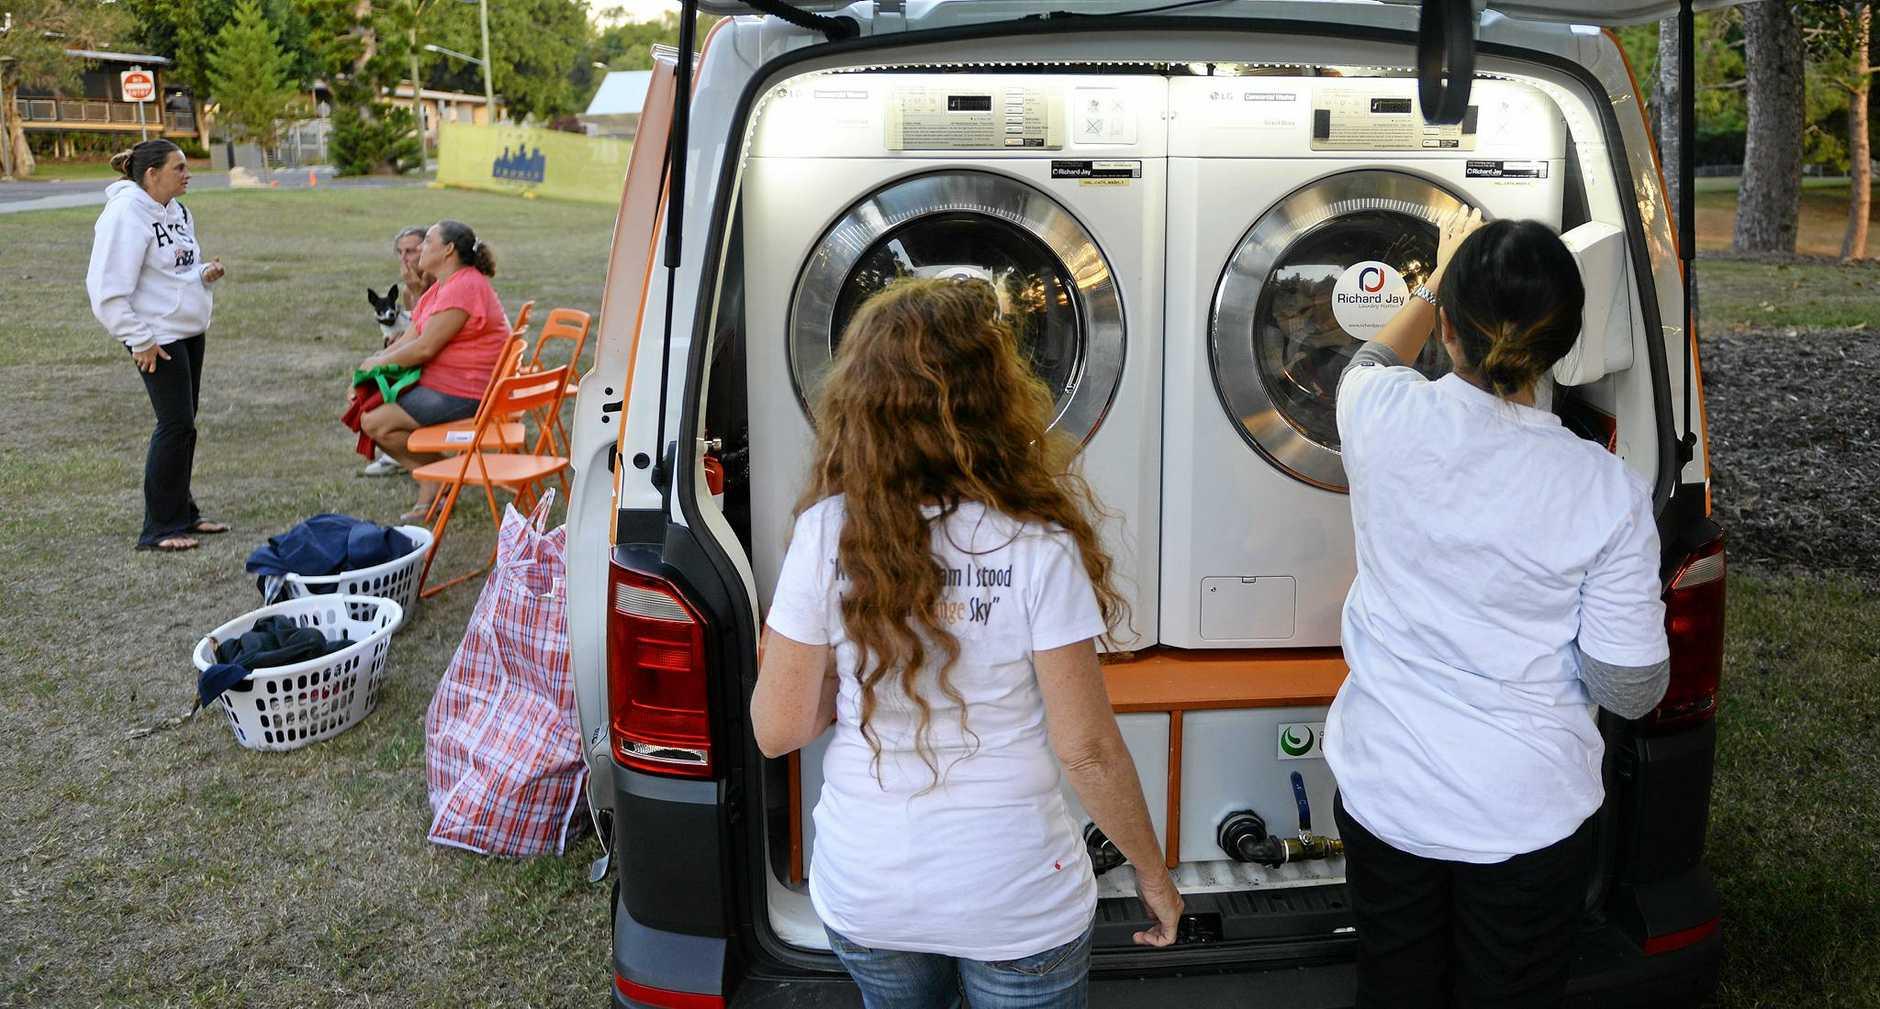 Orange Sky laundry van in Ipswich.